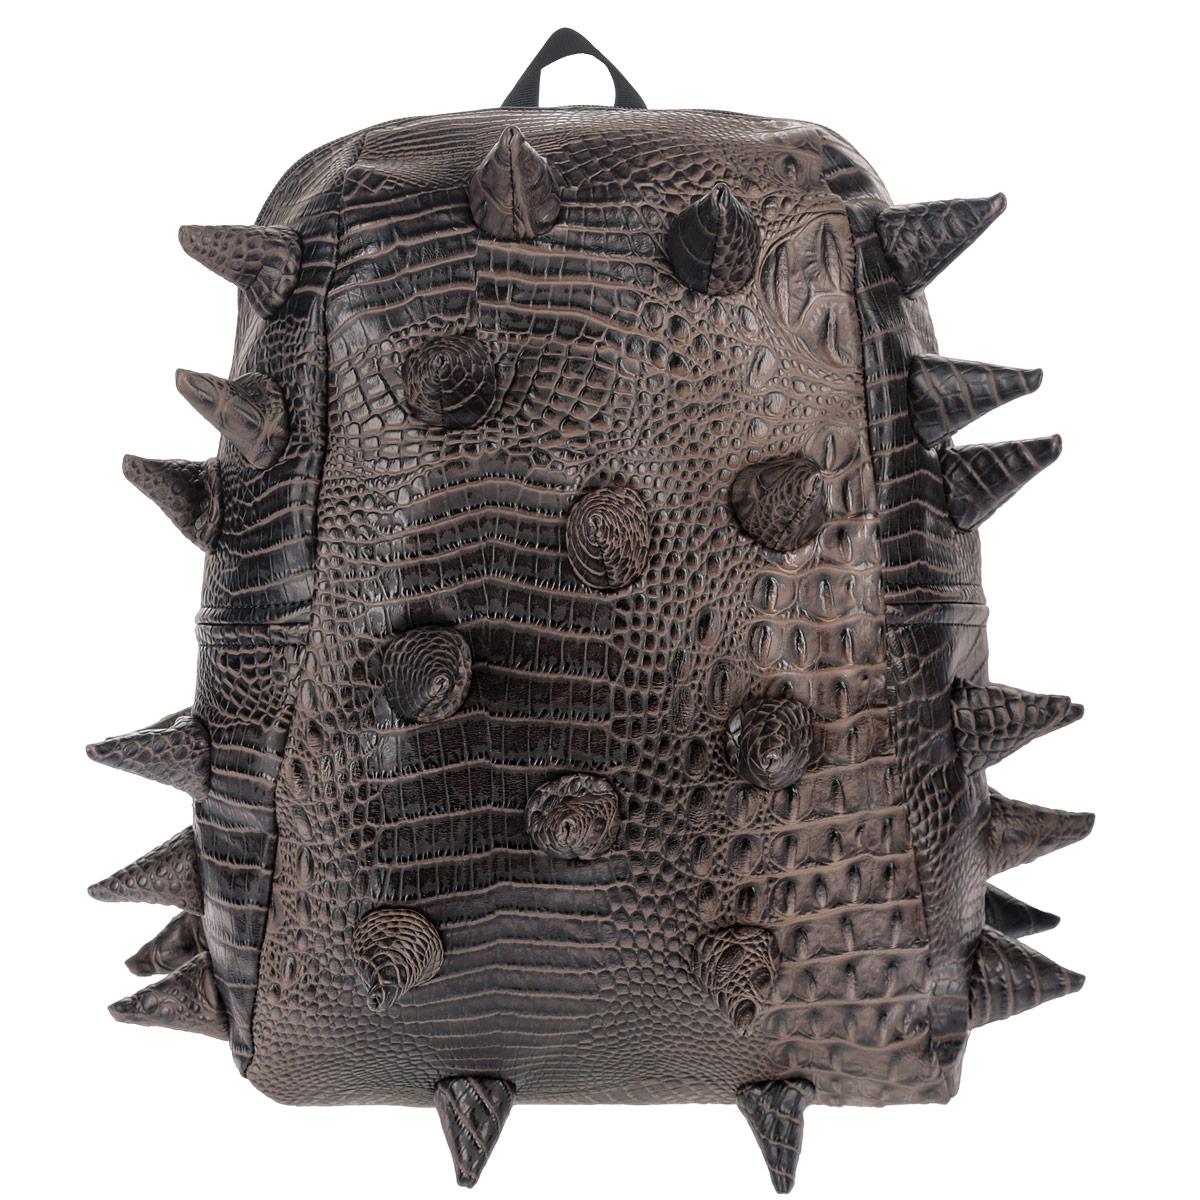 Рюкзак городской MadPax Gator Half, цвет: коричневый, 16 л